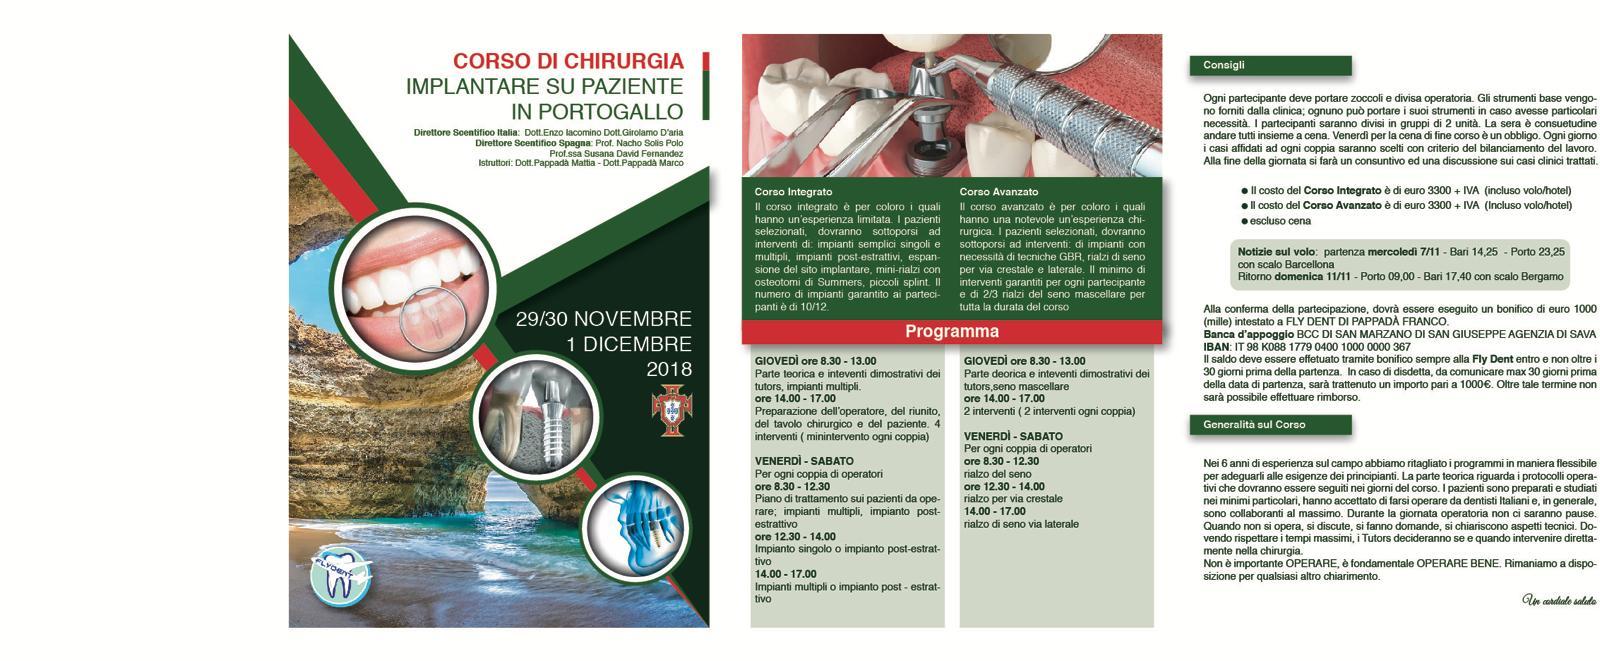 Corso di chirurgia implantare su paziente in portogallo